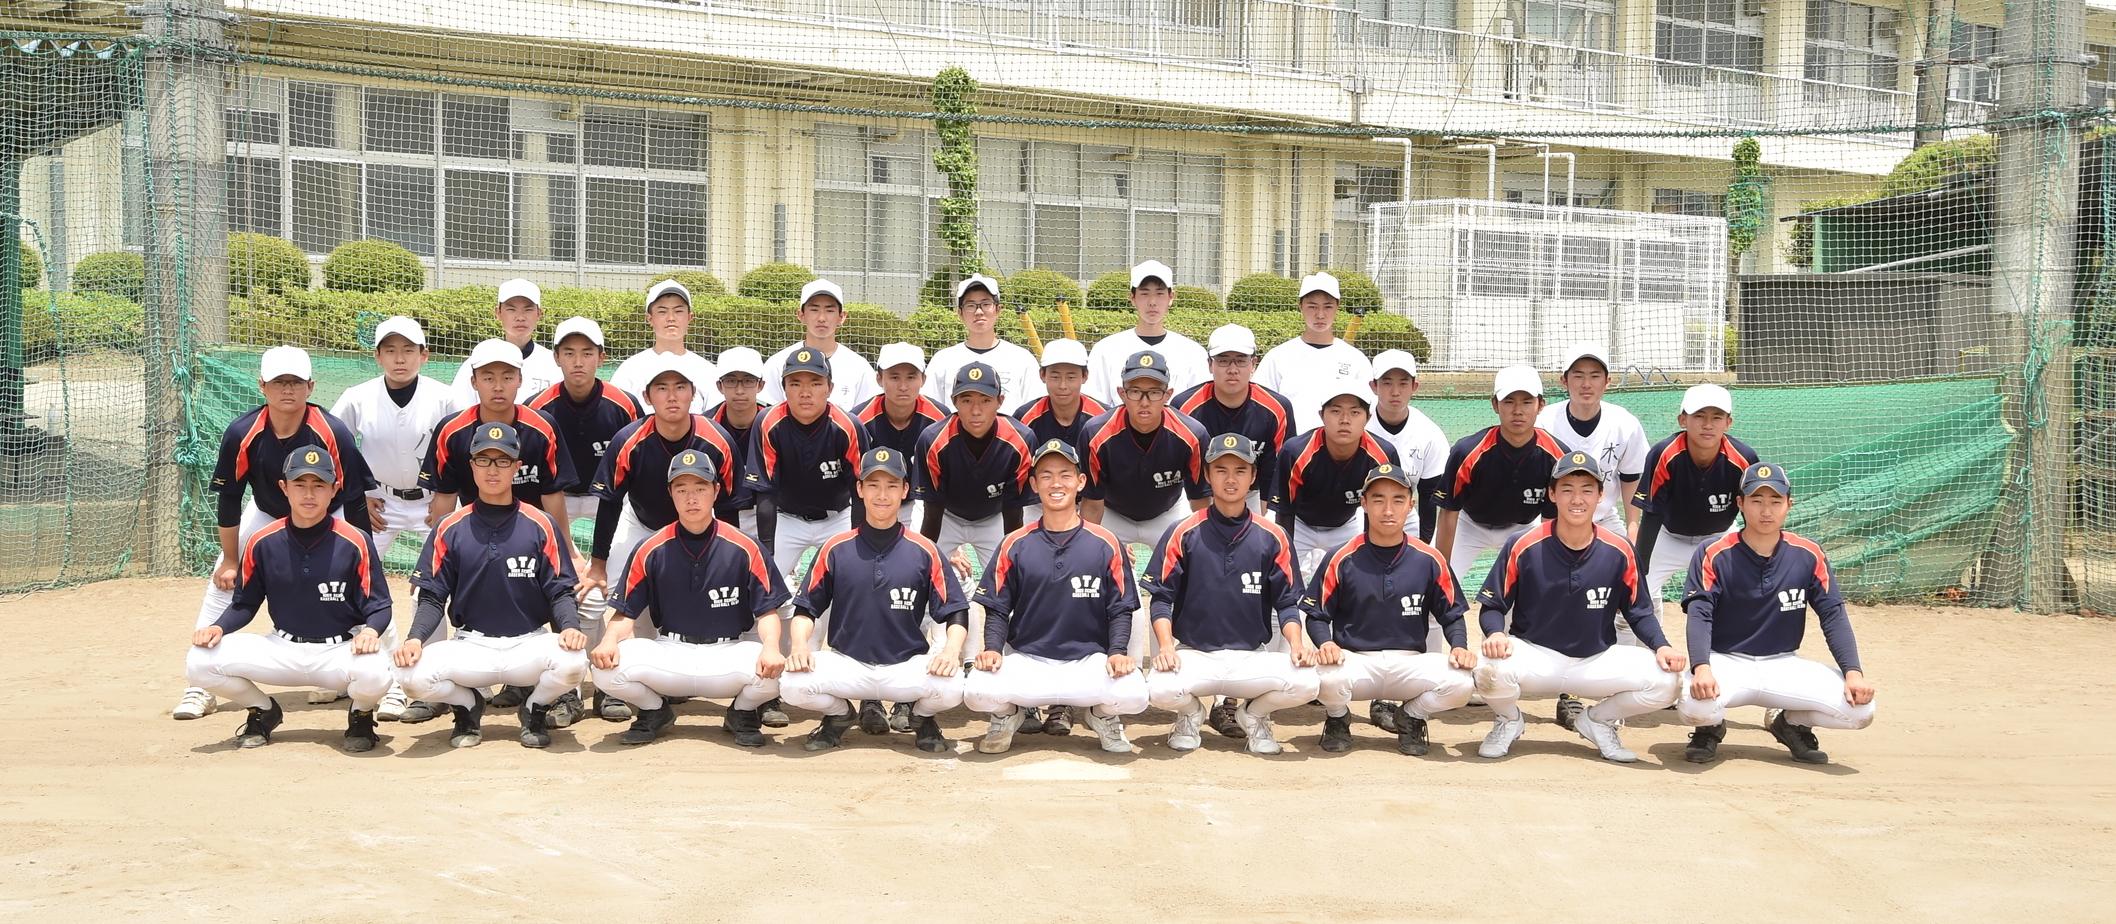 【太田 野球部】「本気の挑戦」#太田